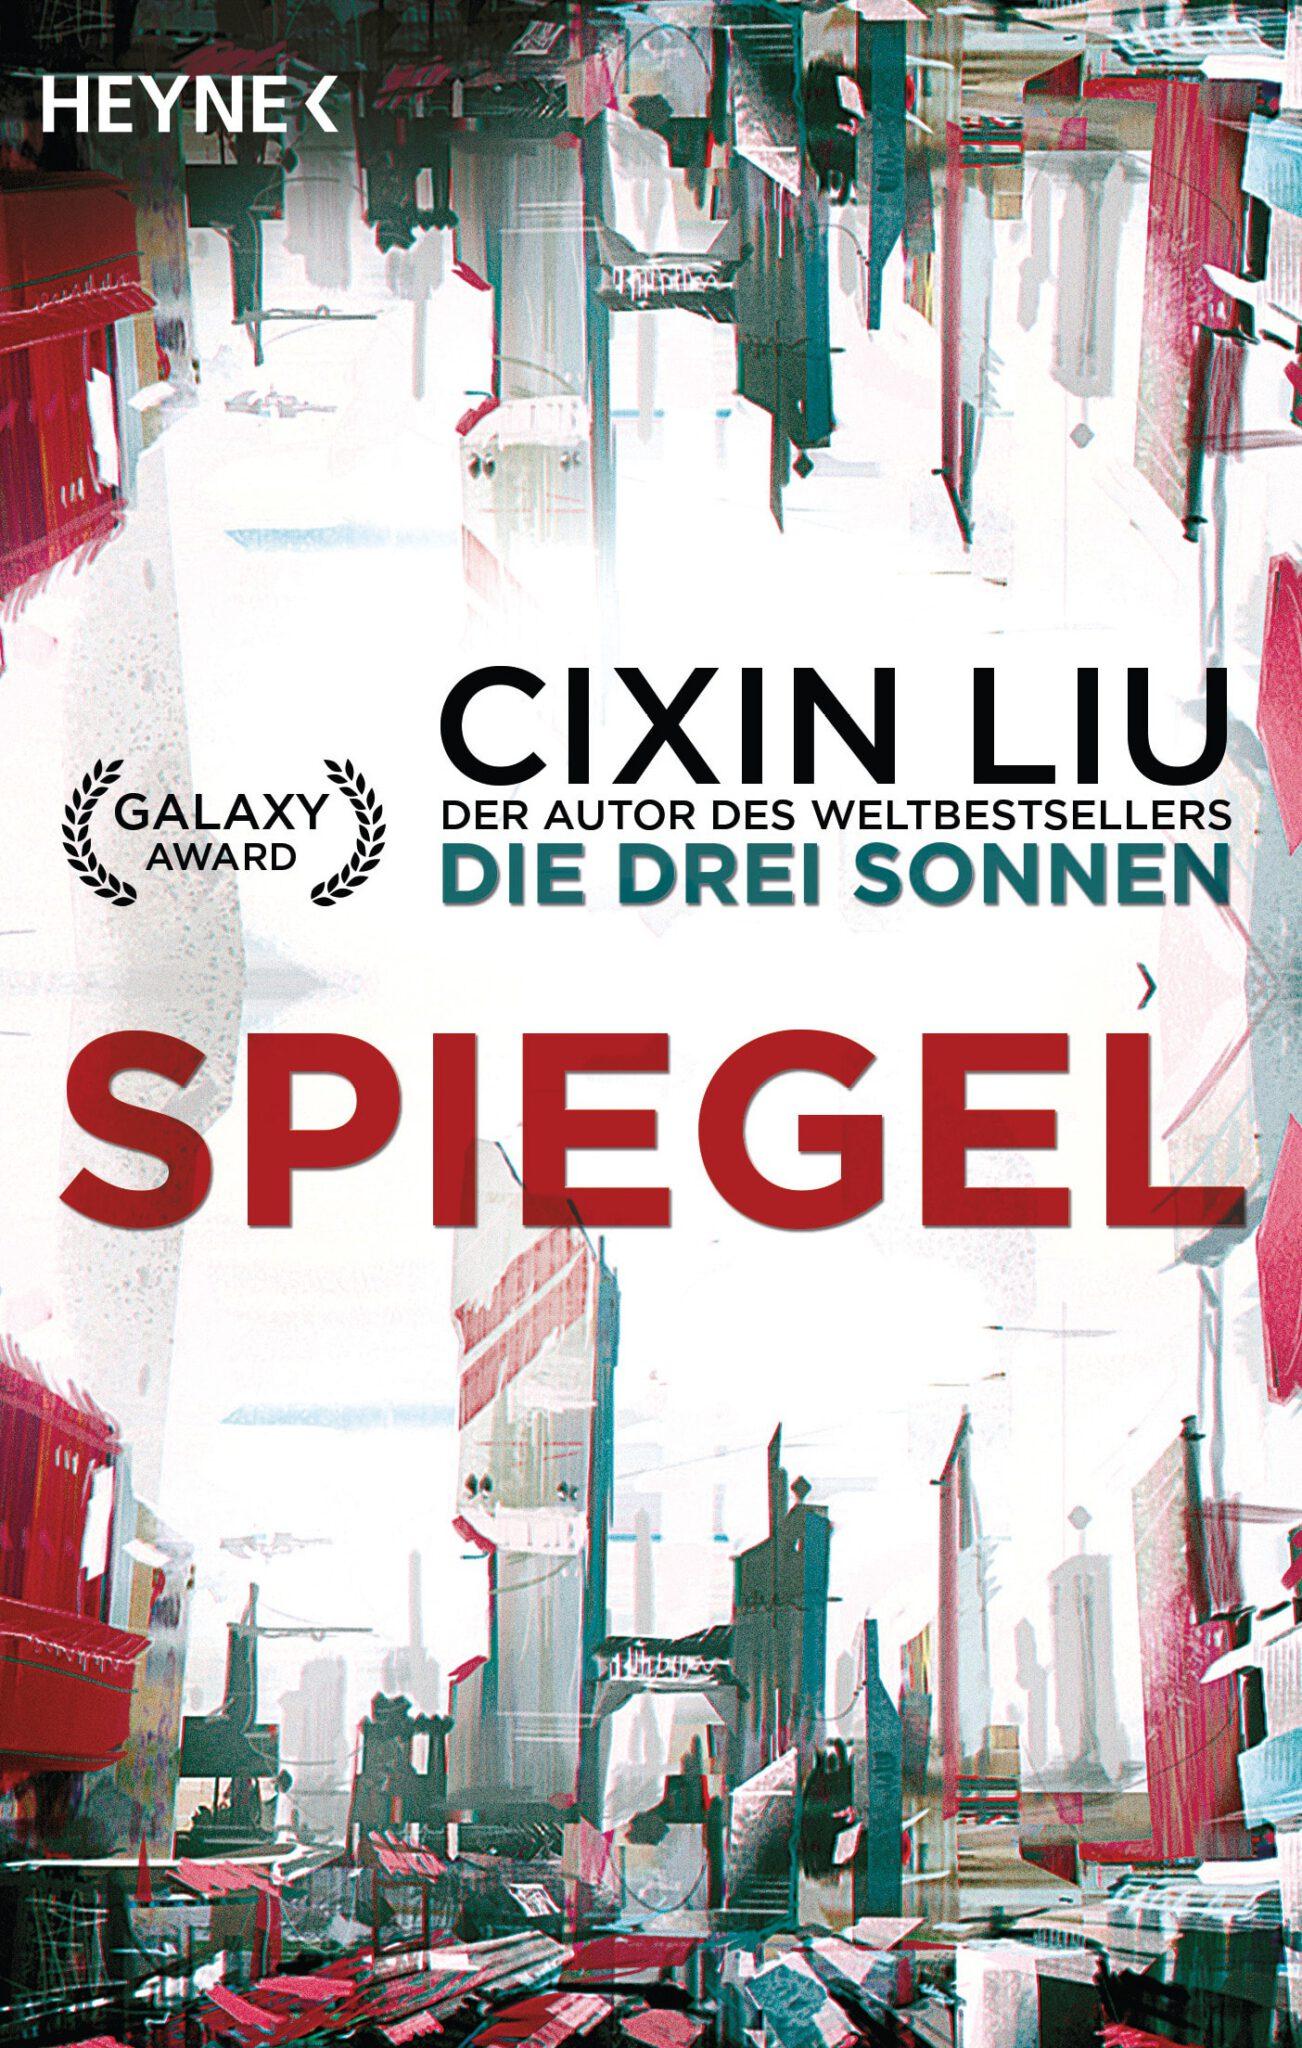 Spiegel von cixin liu rezension einer novelle booknapping for Spiegel cover 2018